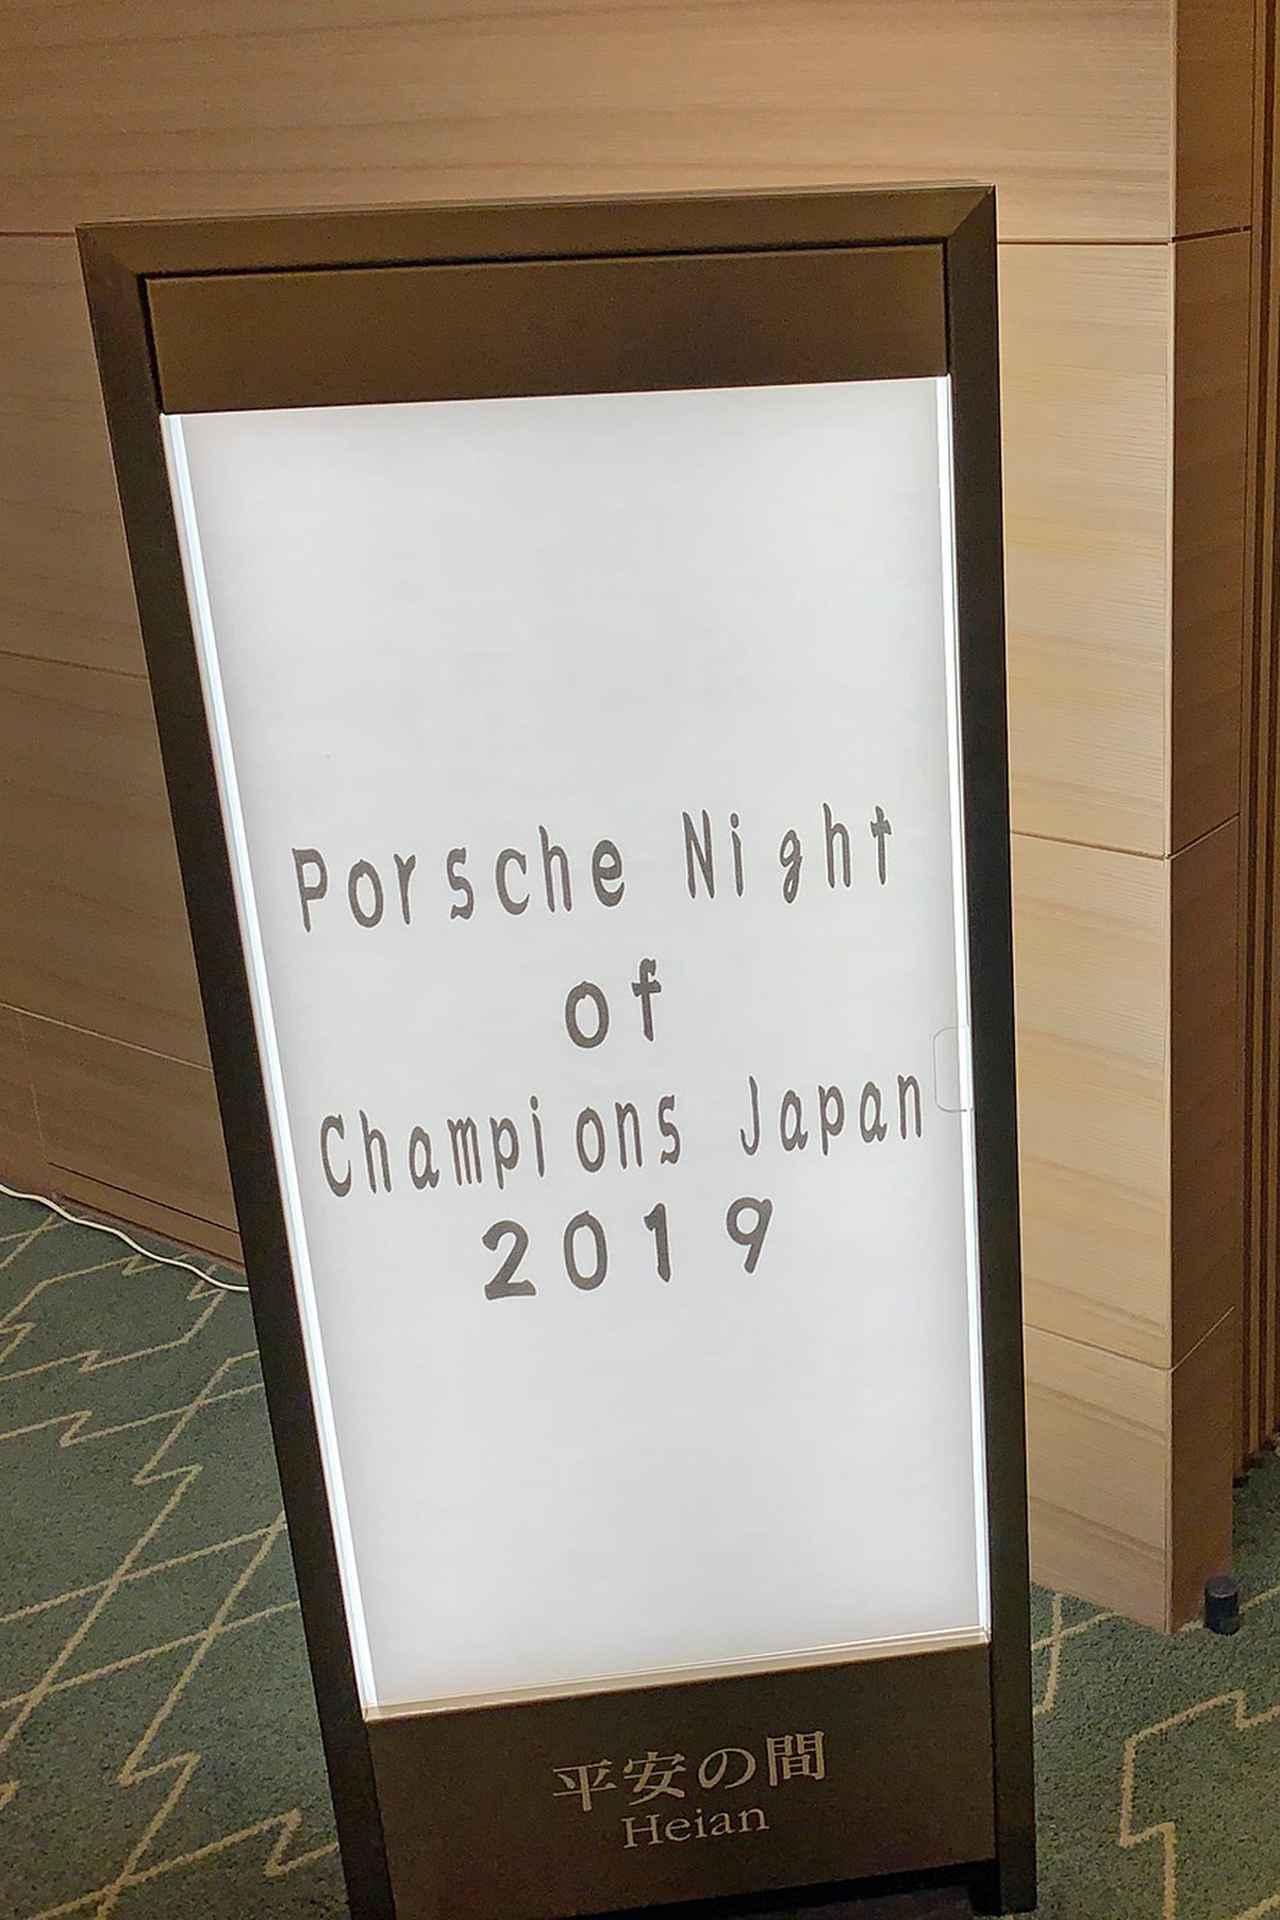 画像2: ポルシェモータースポーツの今年の締めくくり2019  ~Porsche Night of Champions Japan 2019